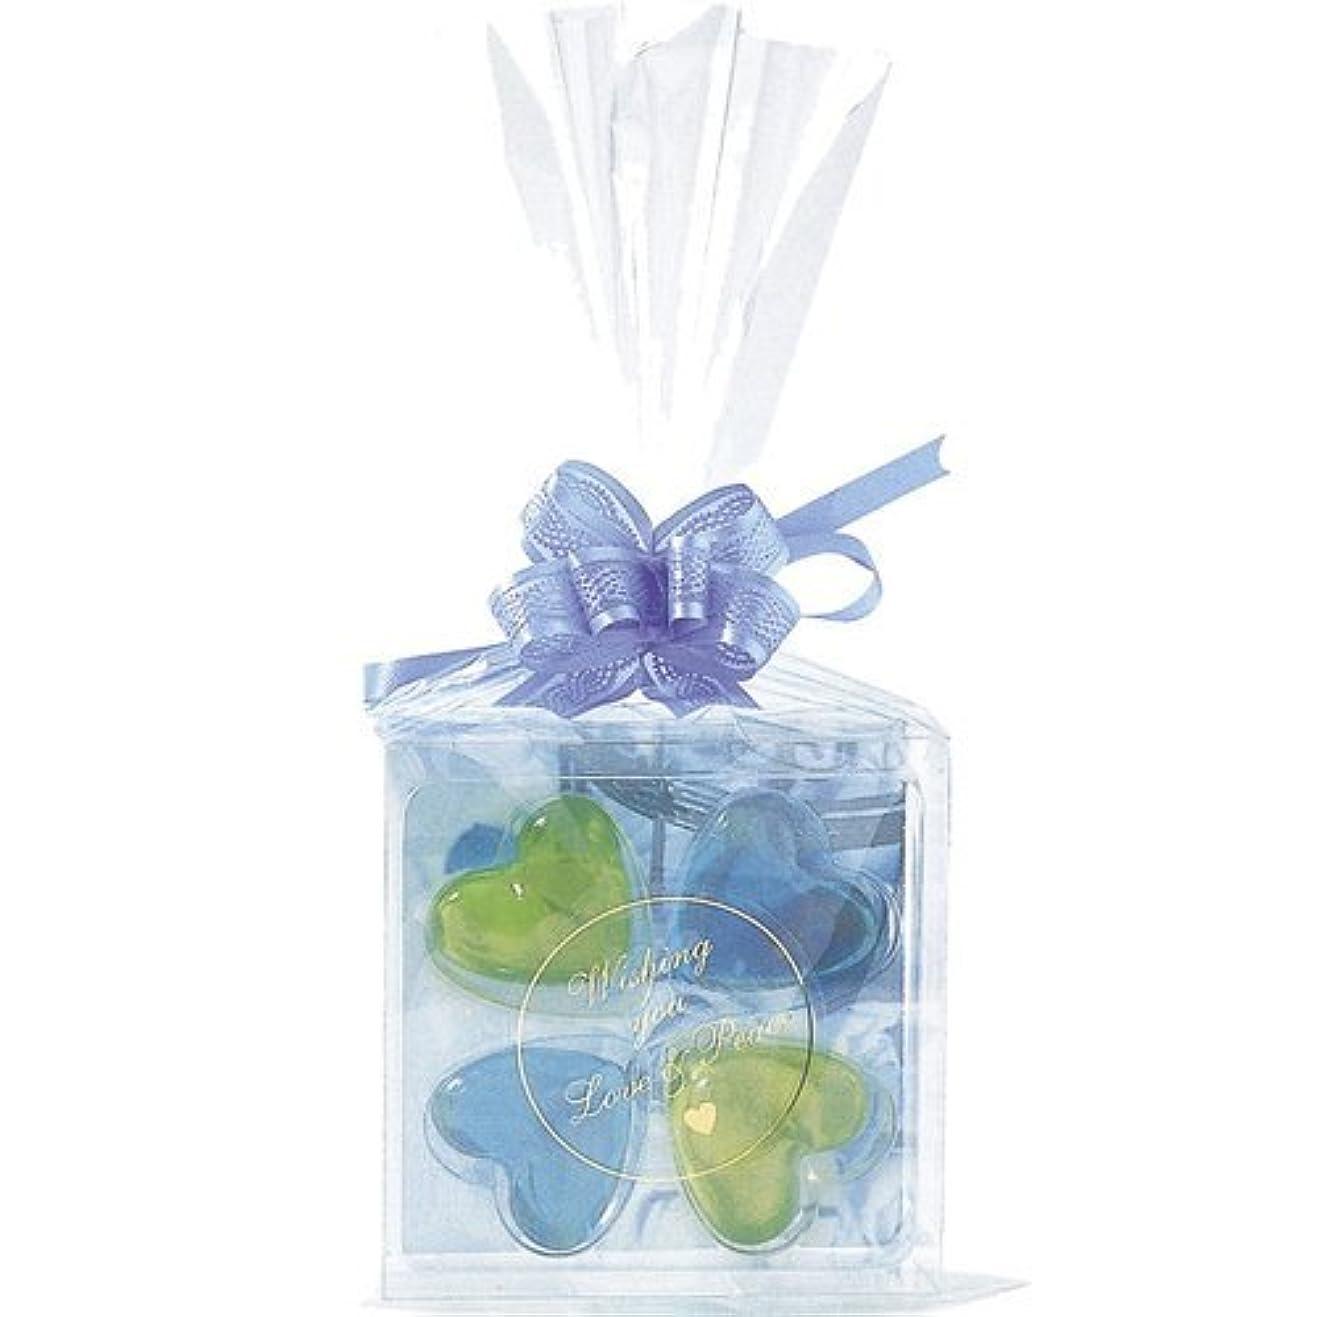 甘くするロマンチック特権ジーピークリエイツ フォーチューンクローバー ブルー 入浴料セット(グリーンアップル、ベリー)